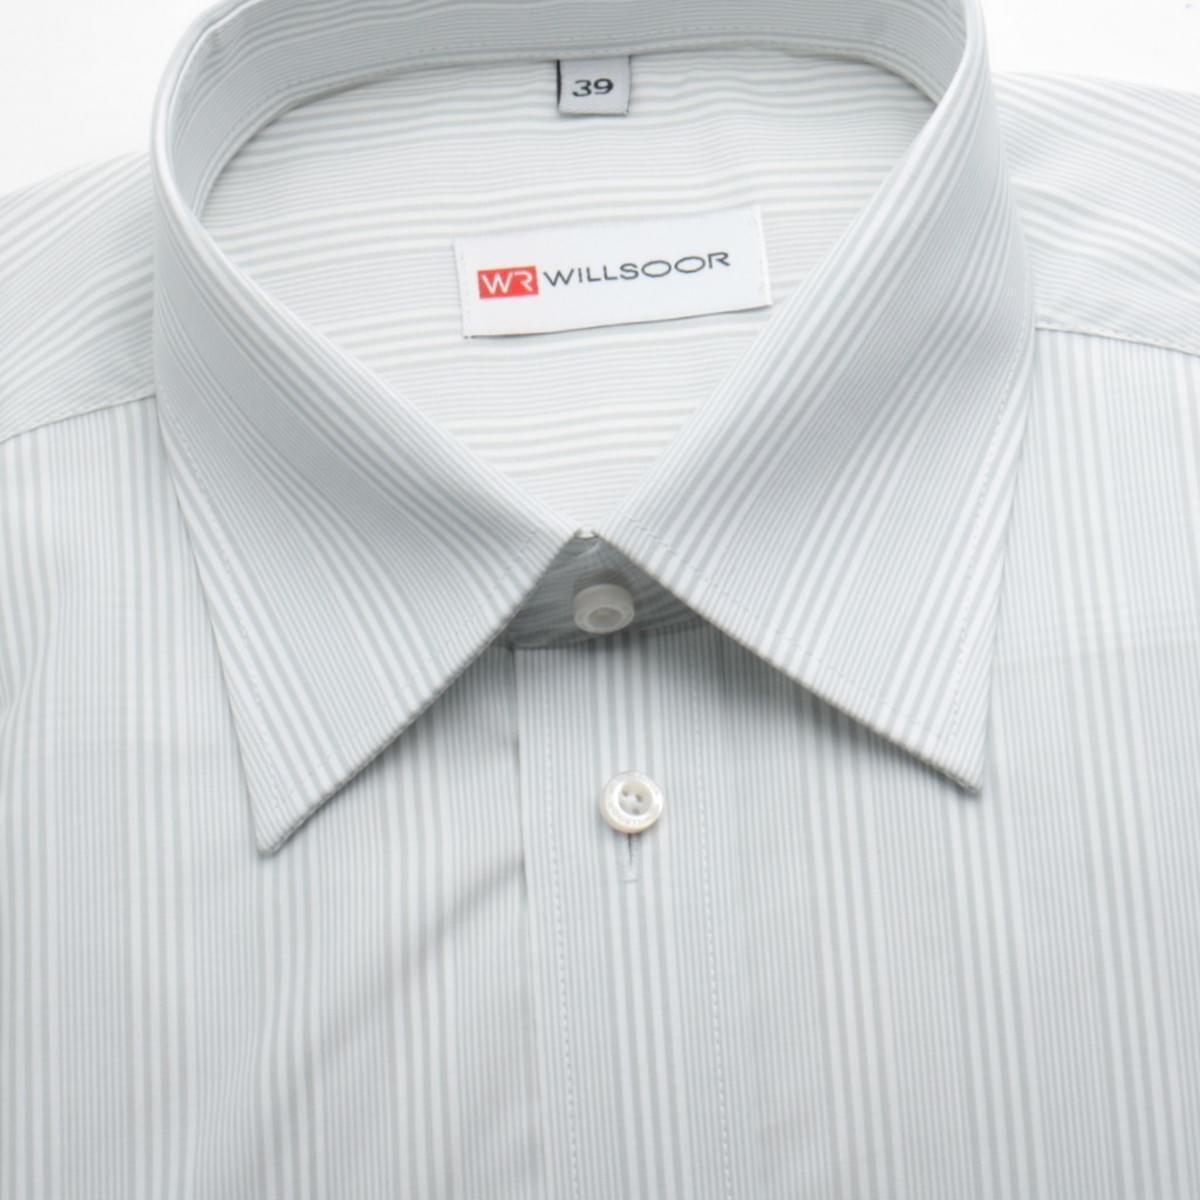 Pánska košeľa WR Classic (výška 188/194) 314 188-194 / 39